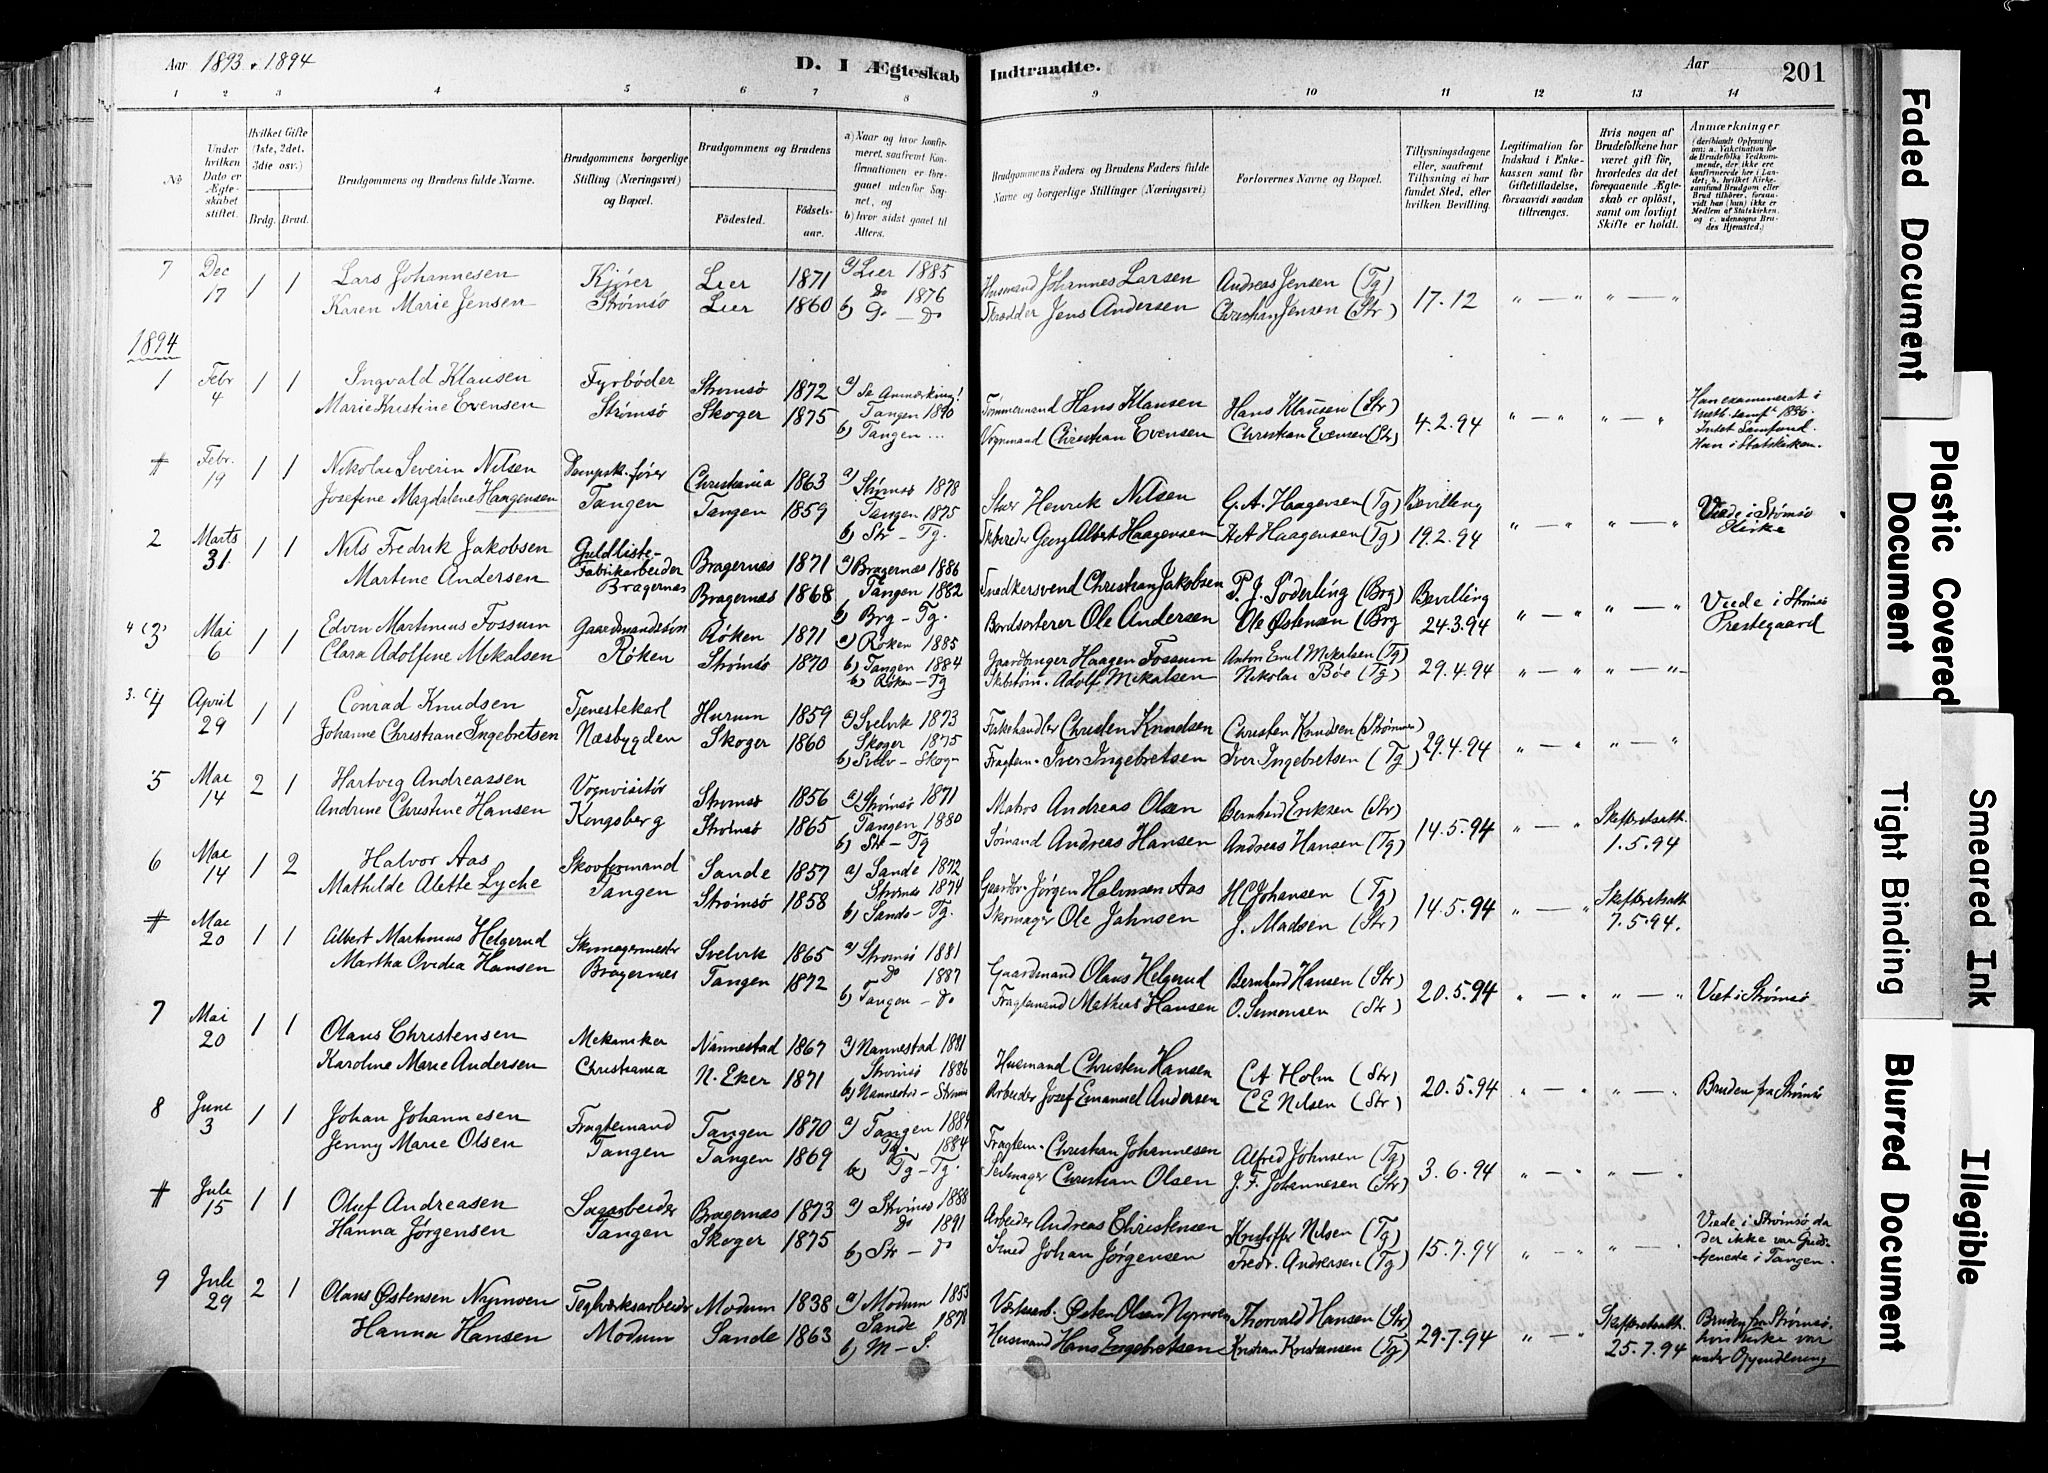 SAKO, Strømsø kirkebøker, F/Fb/L0006: Ministerialbok nr. II 6, 1879-1910, s. 201